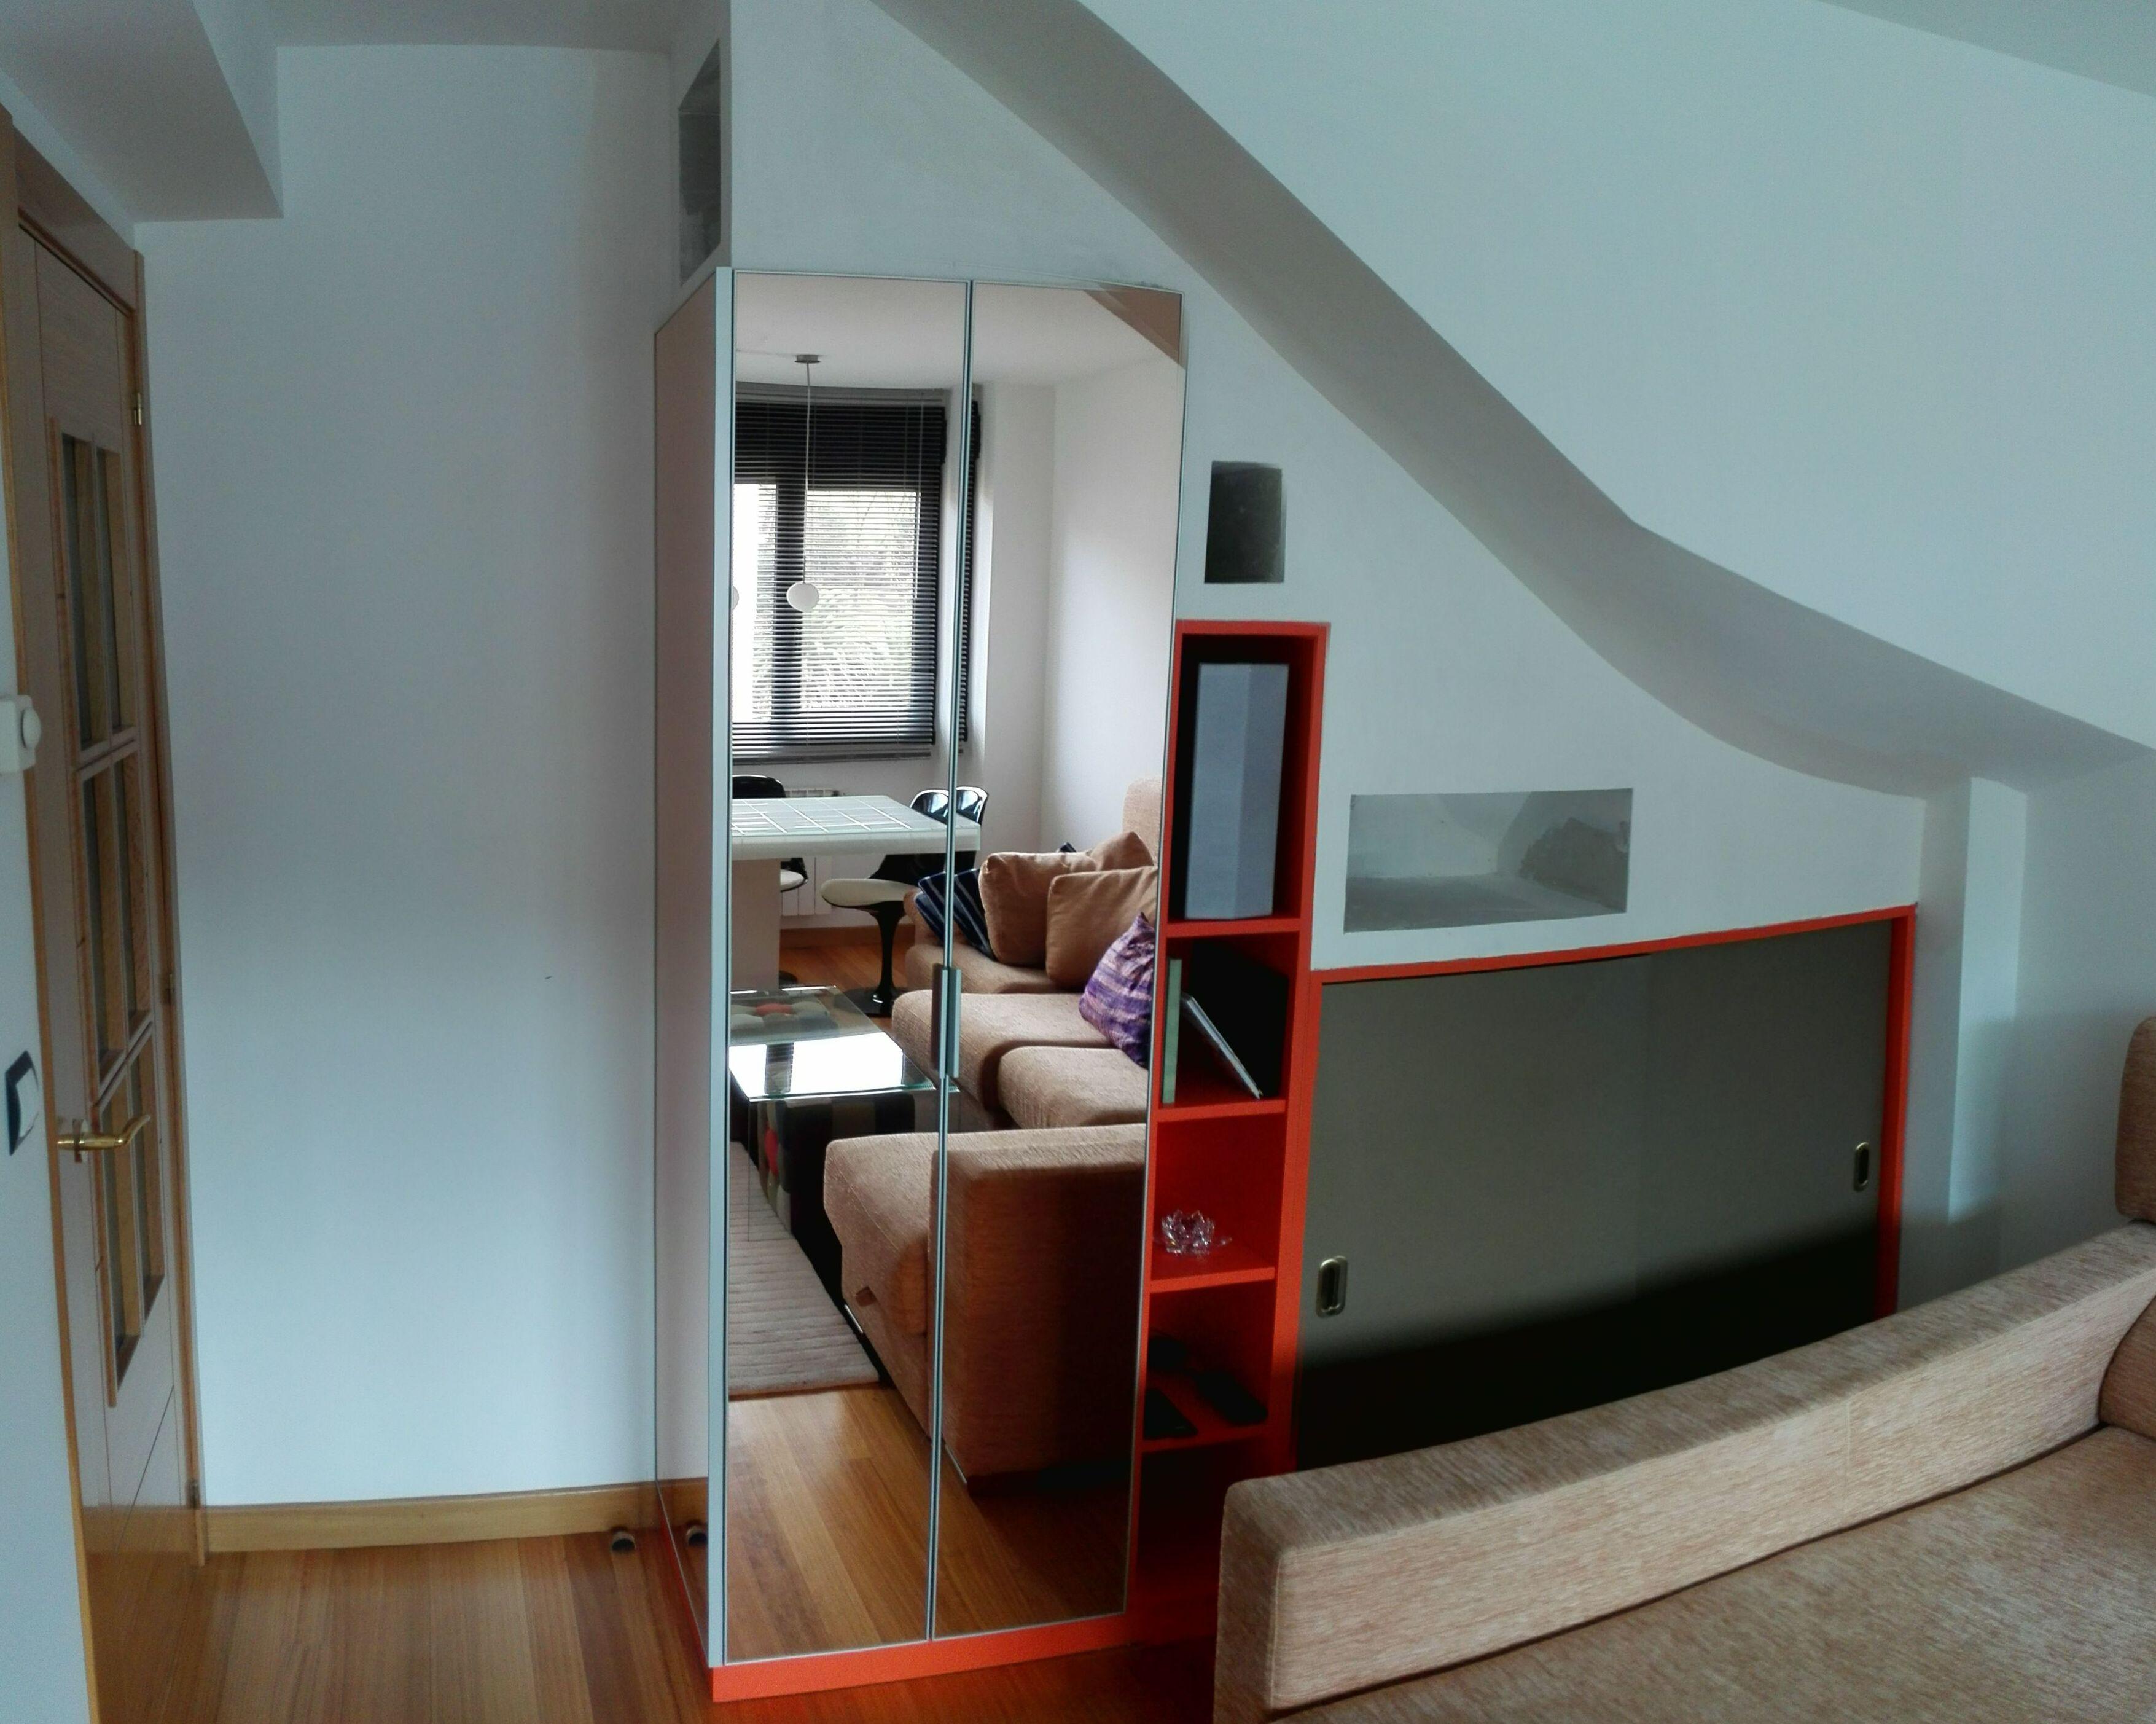 Muebles adaptados